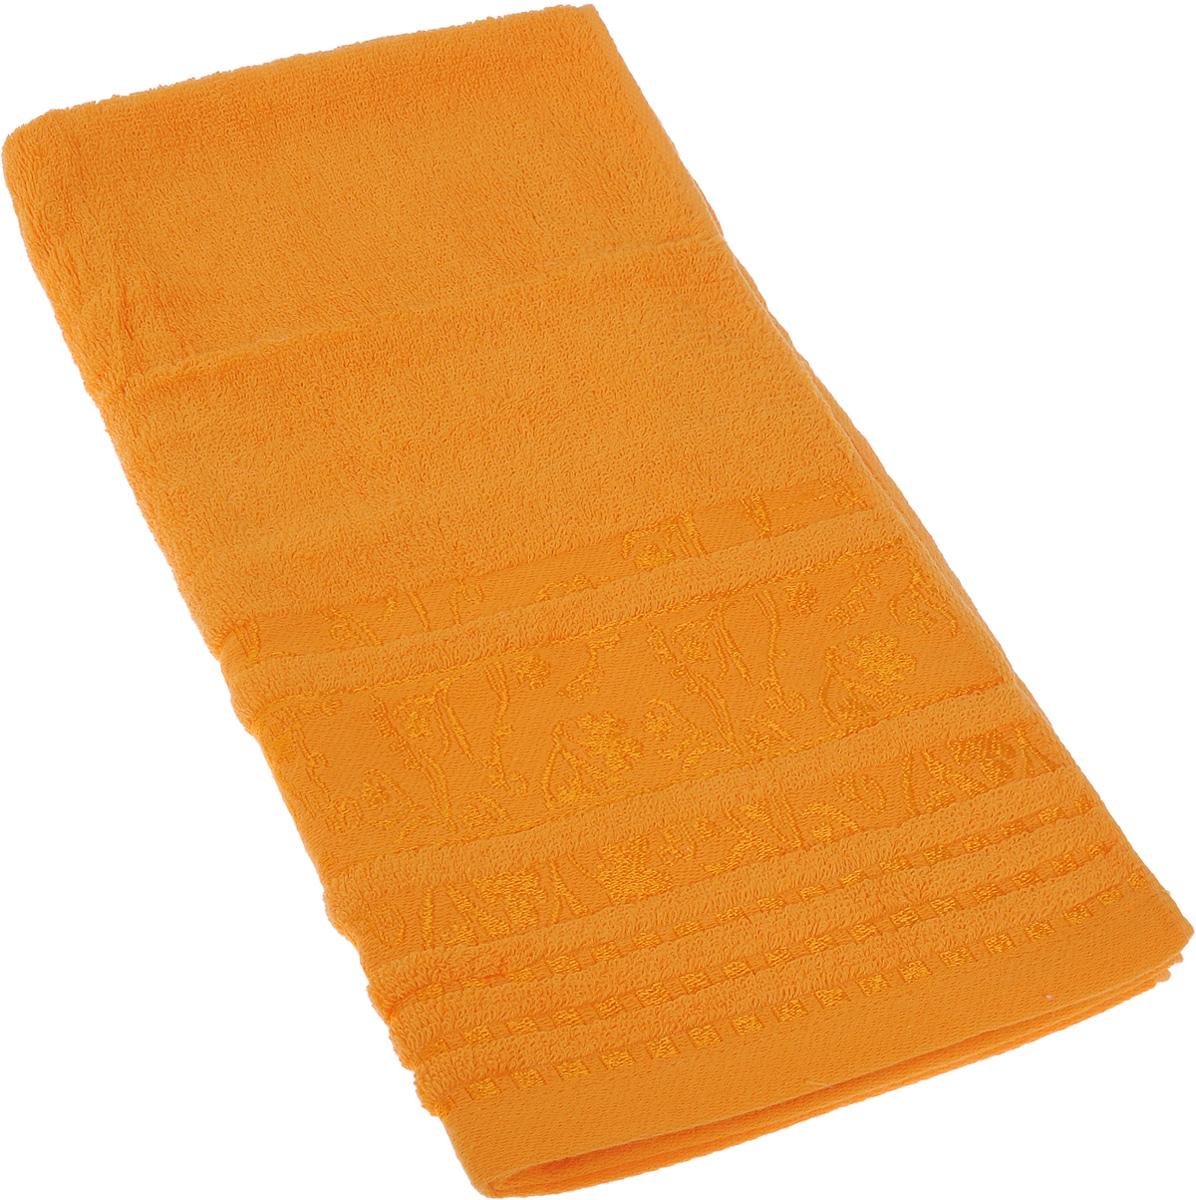 Полотенце Soavita Sandra, цвет: оранжевый, 50 х 90 см68/5/1Полотенце Soavita Sandra выполнено из 100% хлопка. Изделие отлично впитывает влагу, быстро сохнет, сохраняет яркость цвета и не теряет форму даже после многократных стирок. Полотенце очень практично и неприхотливо в уходе. Оно создаст прекрасное настроение и украсит интерьер в ванной комнате.